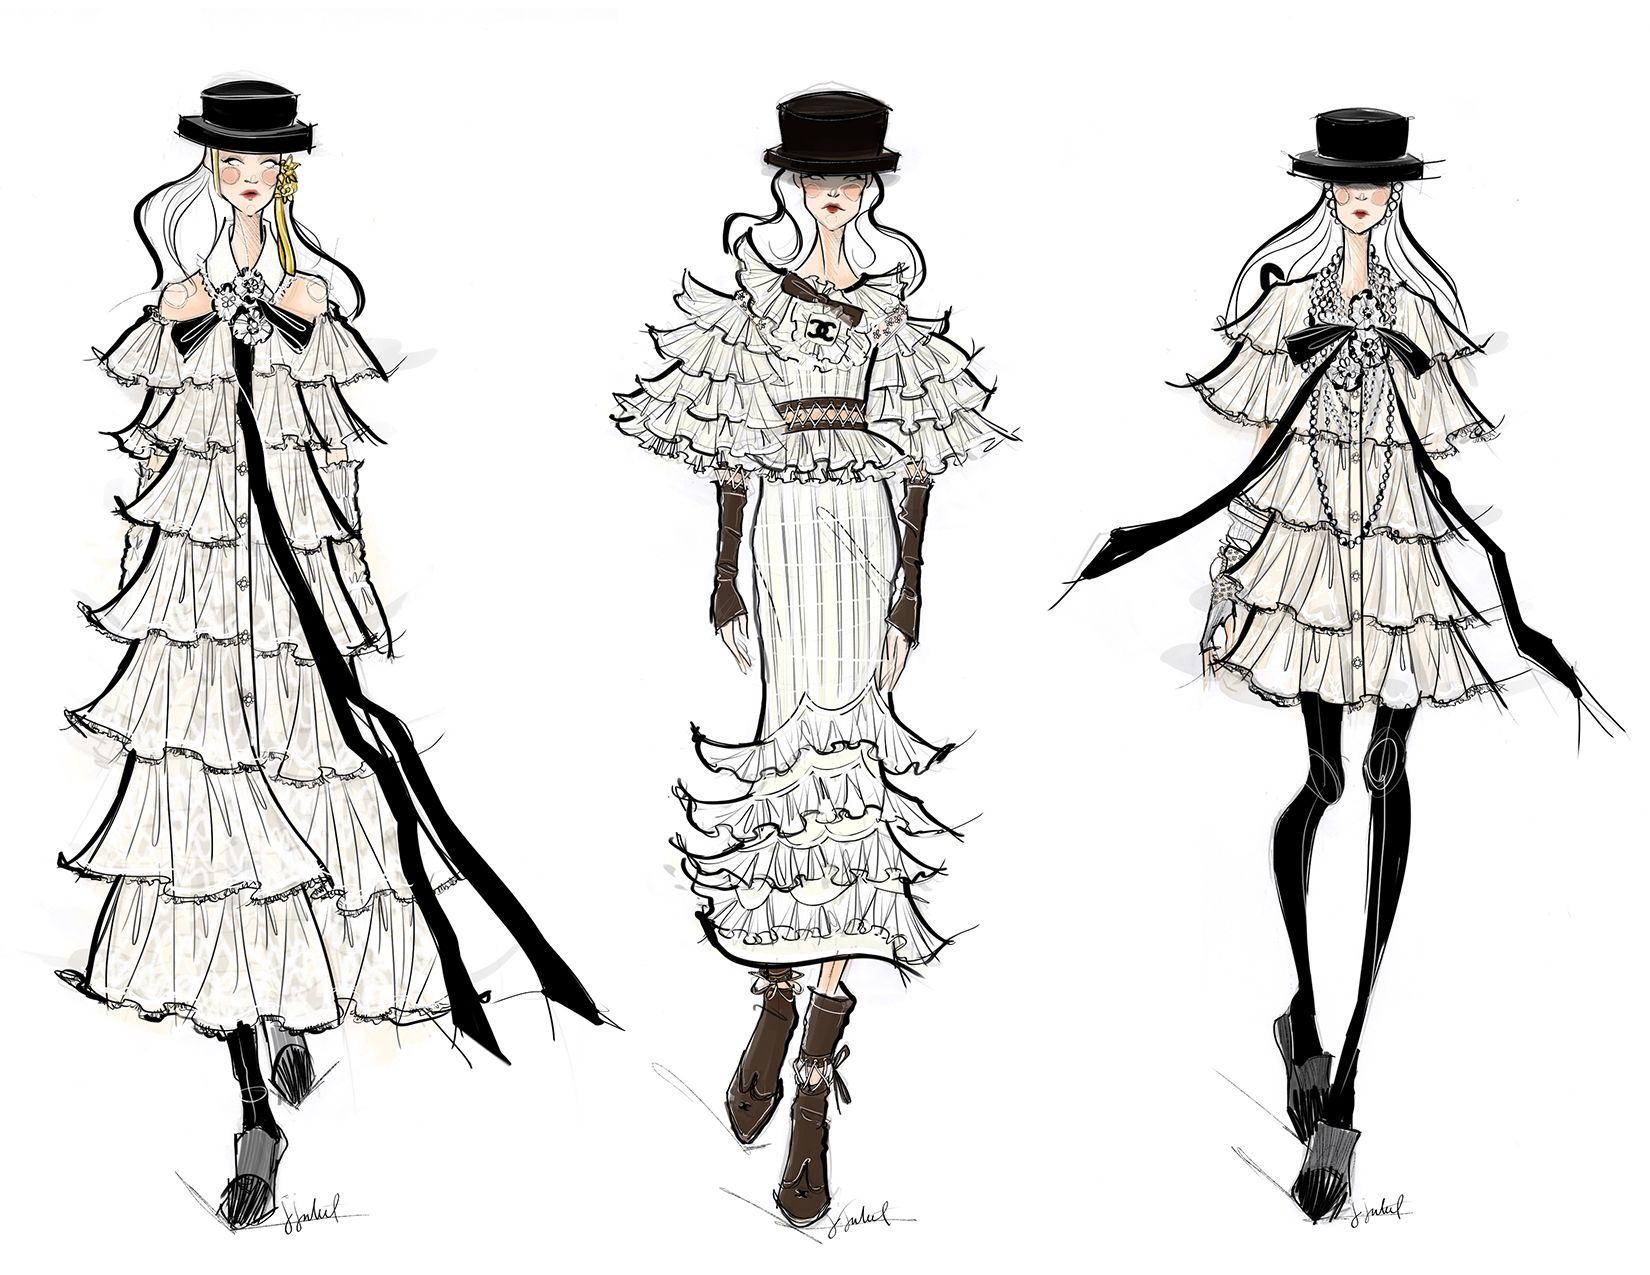 Figurines de moda de la colección CHANEL FALL / WINTER 2016 creados por Jessica Juliet  www.jessicajuliet.com // www.figurinesdemoda.com